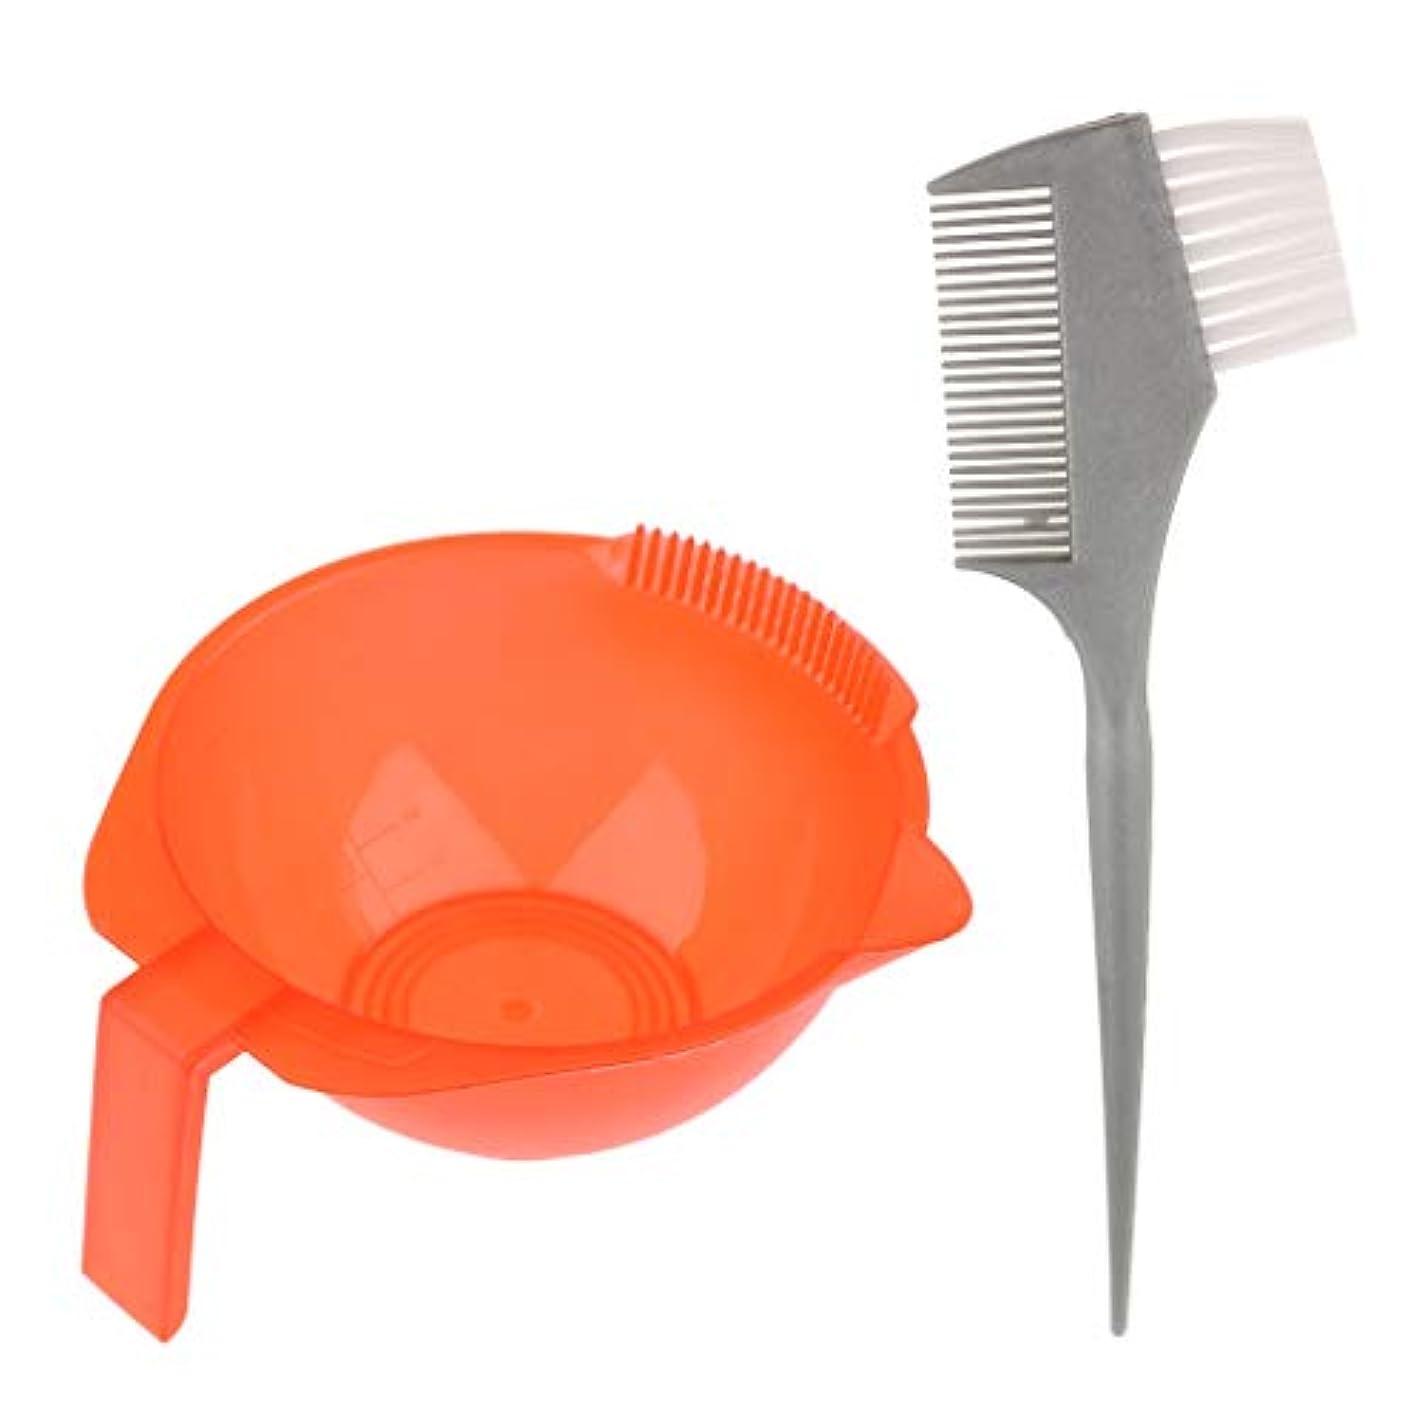 裁定照らす抑圧ヘアダイ ブラシ + ヘアカラーボウル ヘア染めカップ ヘアカラー ブラシ プラスチック ヘアカラーツール